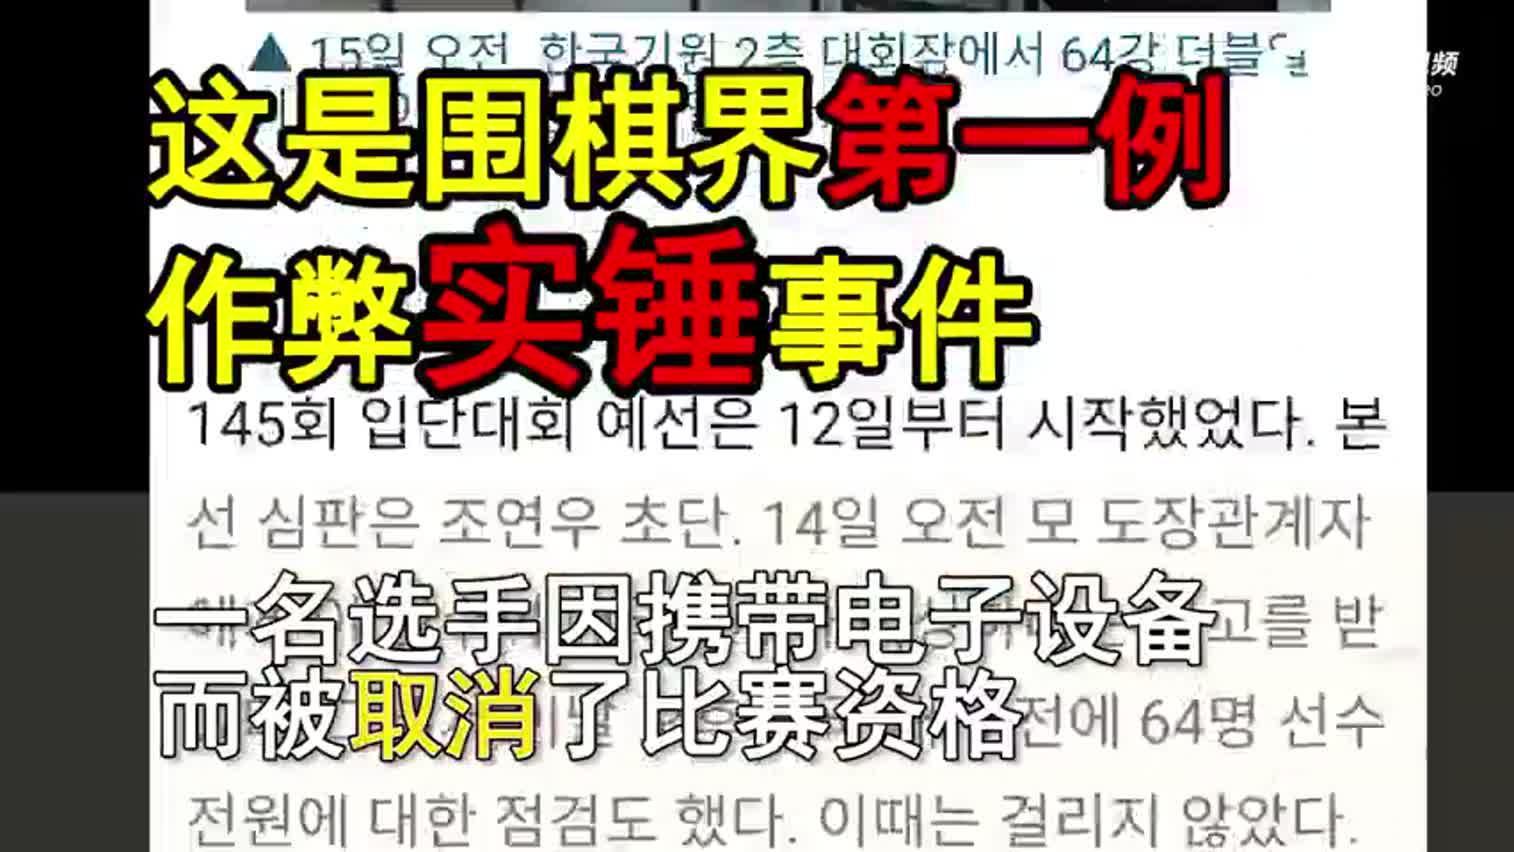 视频-韩国围棋定段赛惊爆围棋圈作弊第一案!